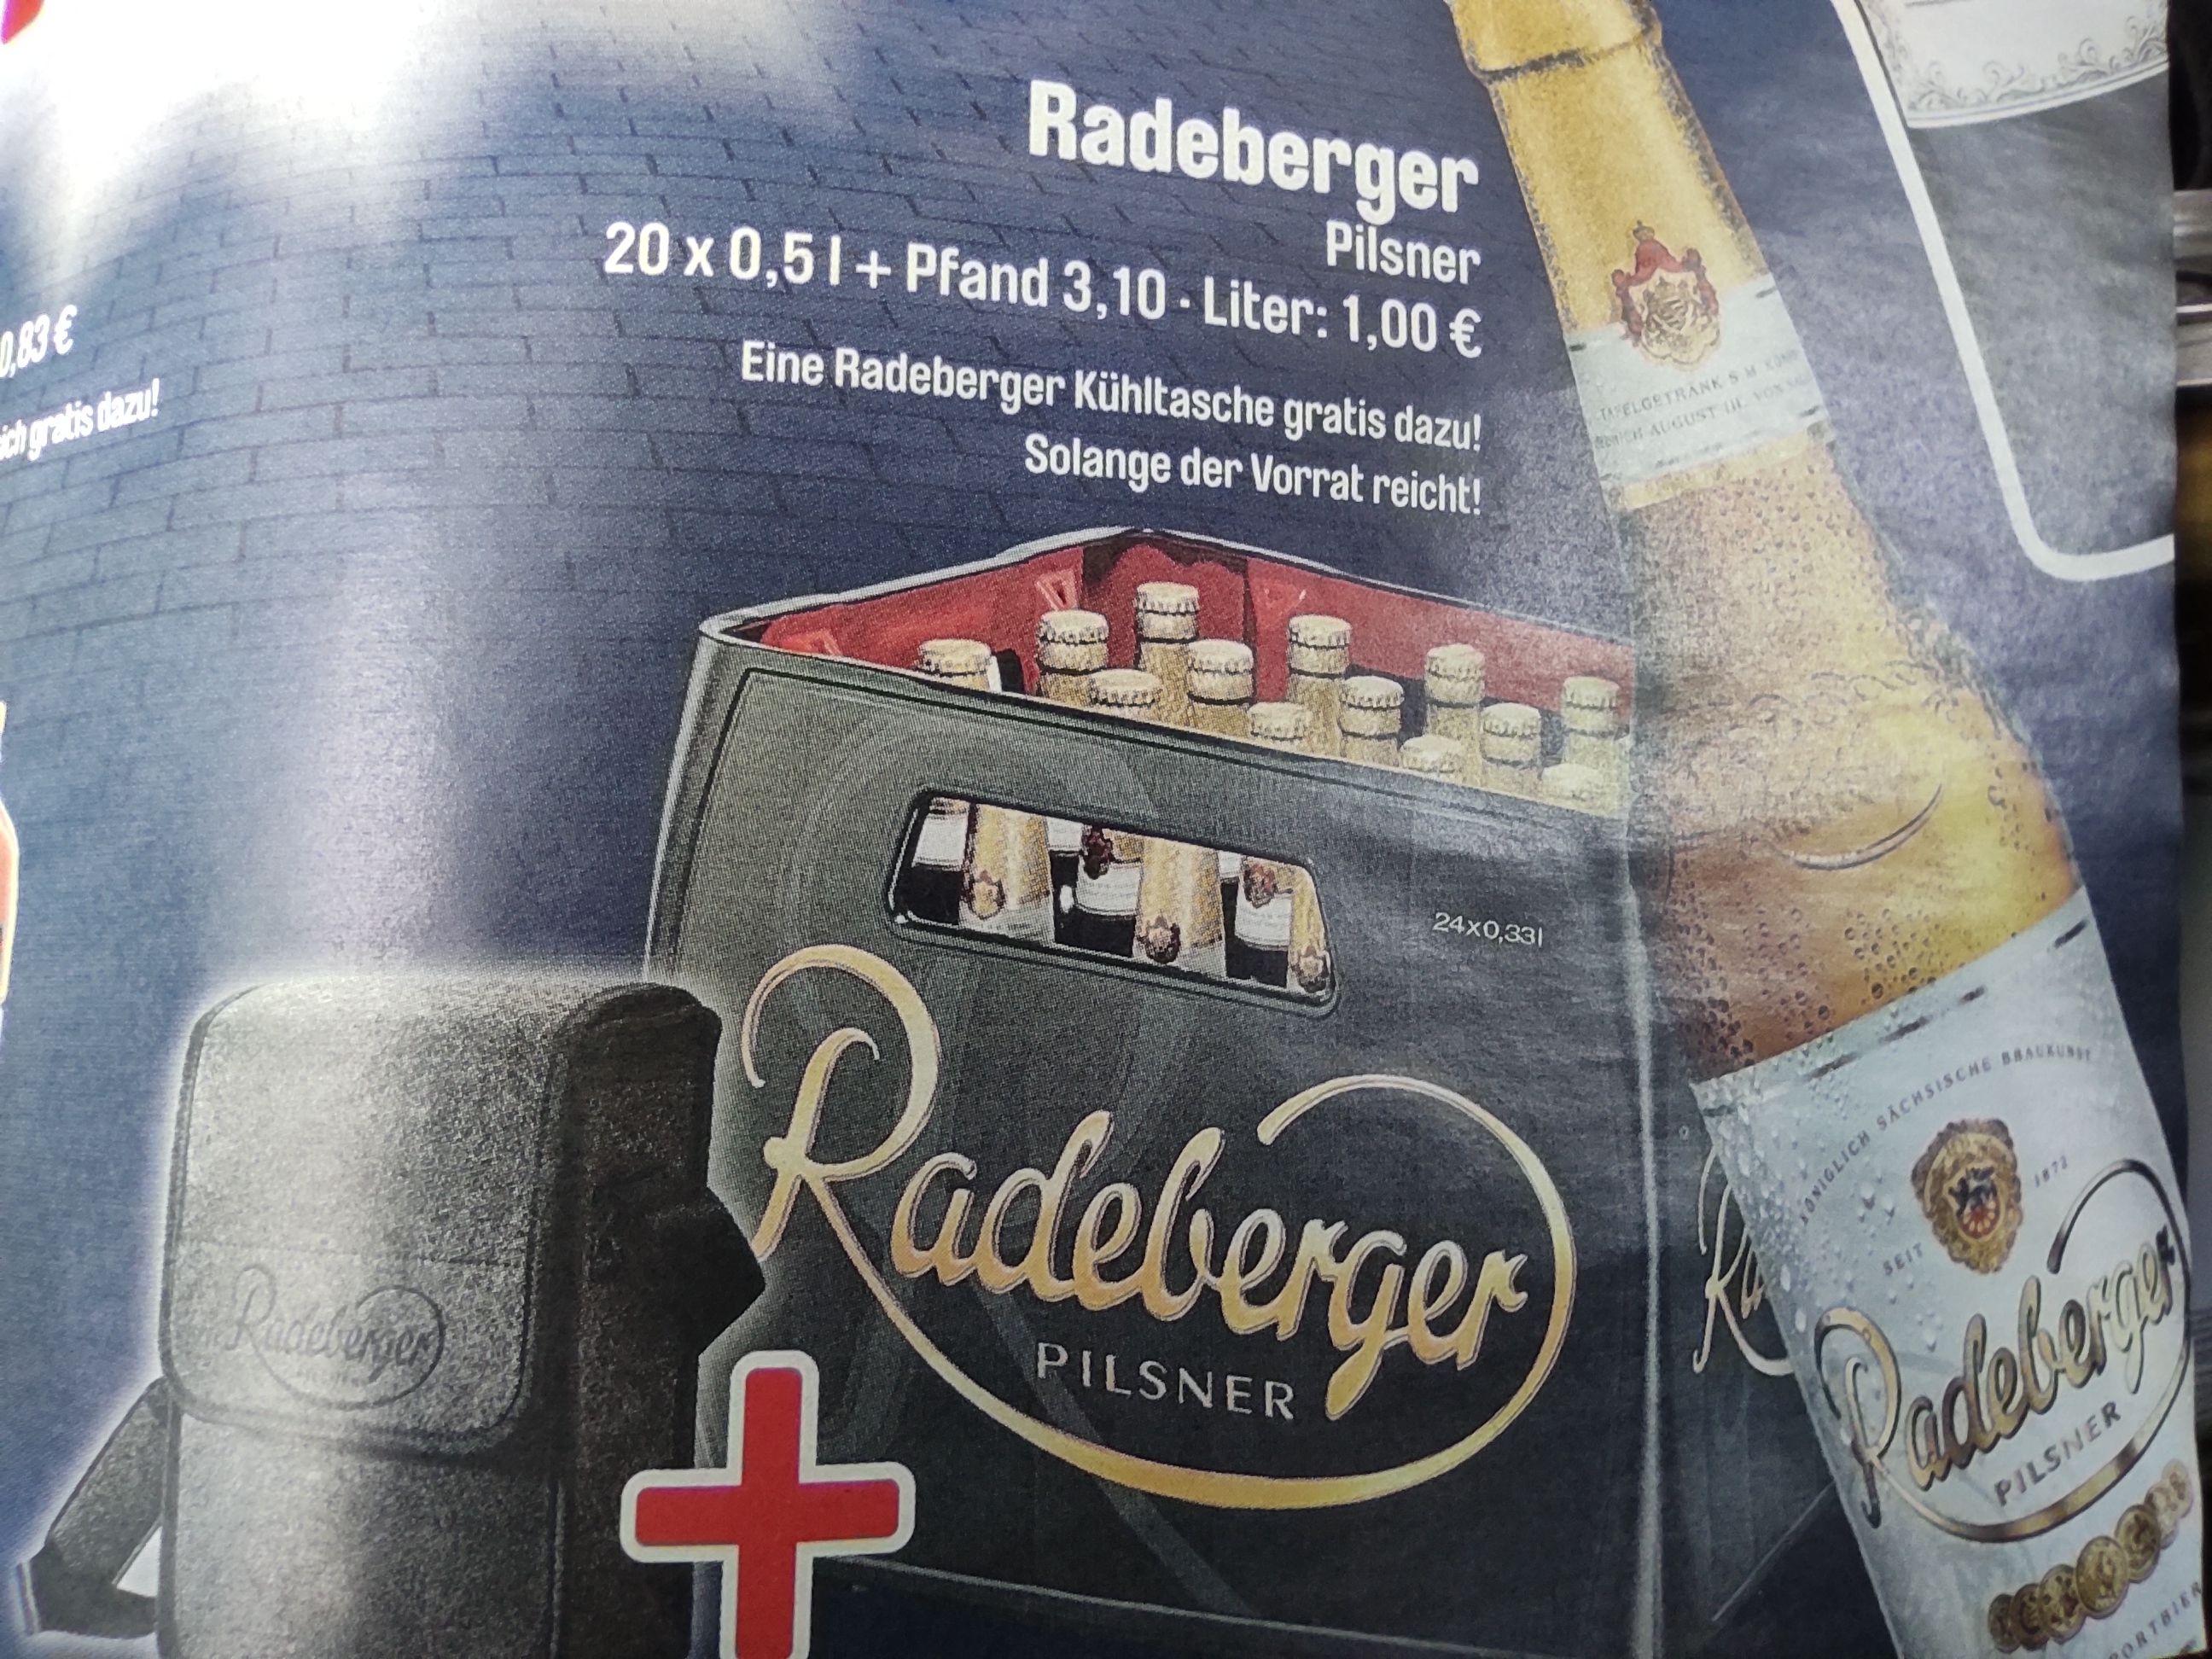 Getränke Hoffmann - Radeberger Pils 20*0,5l + Kühltasche